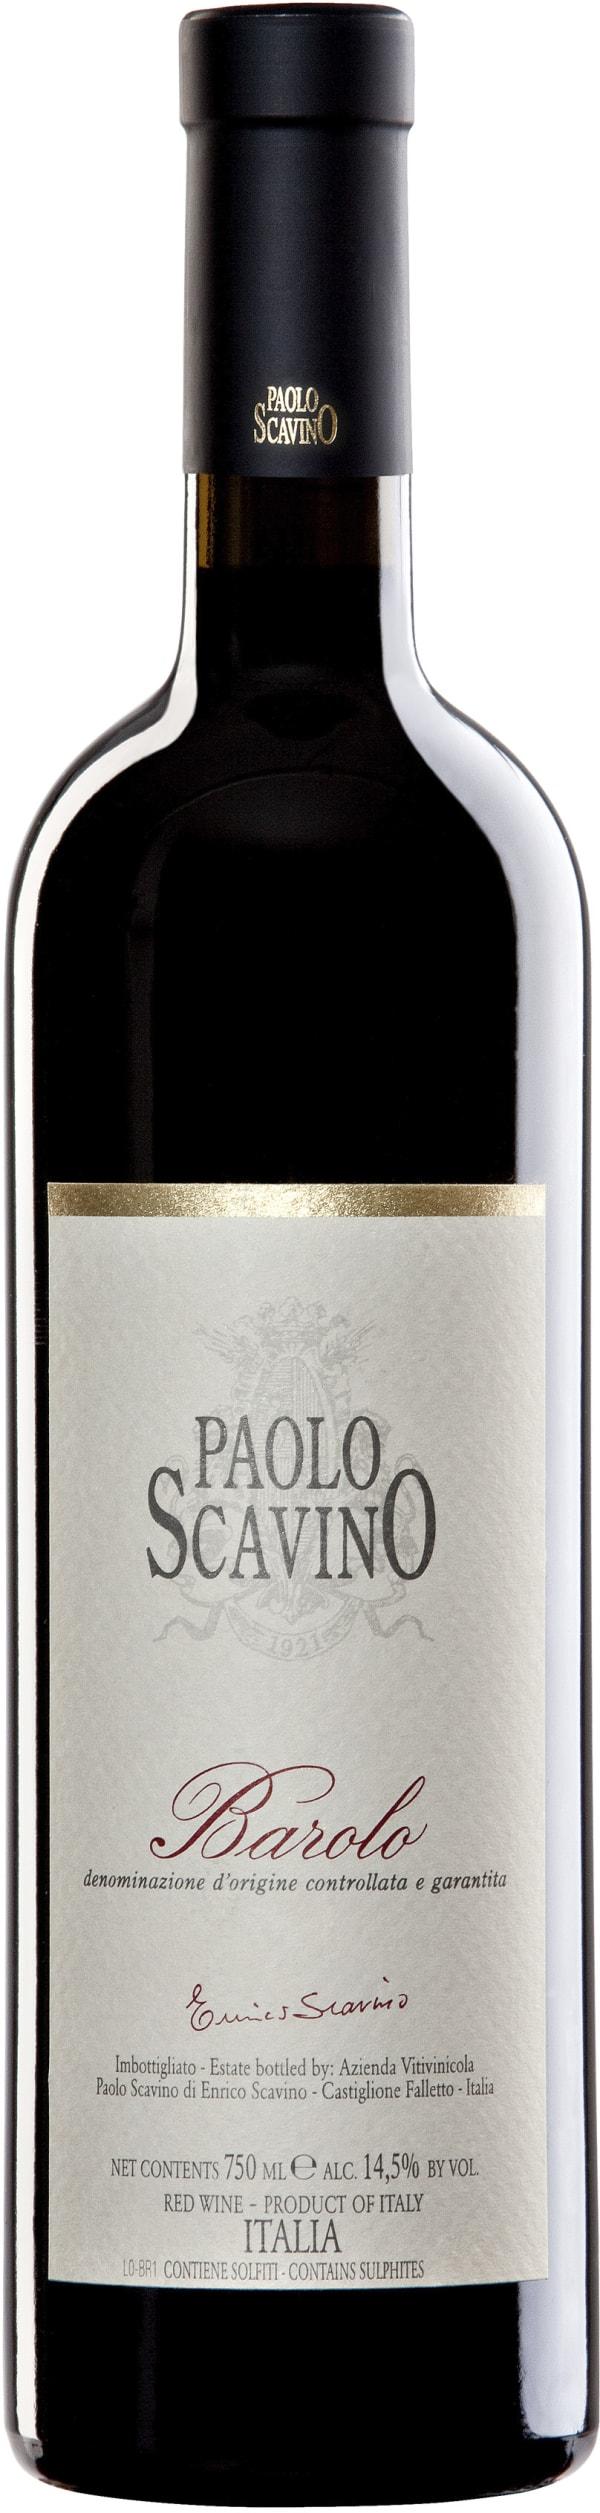 Paolo Scavino Barolo 2016